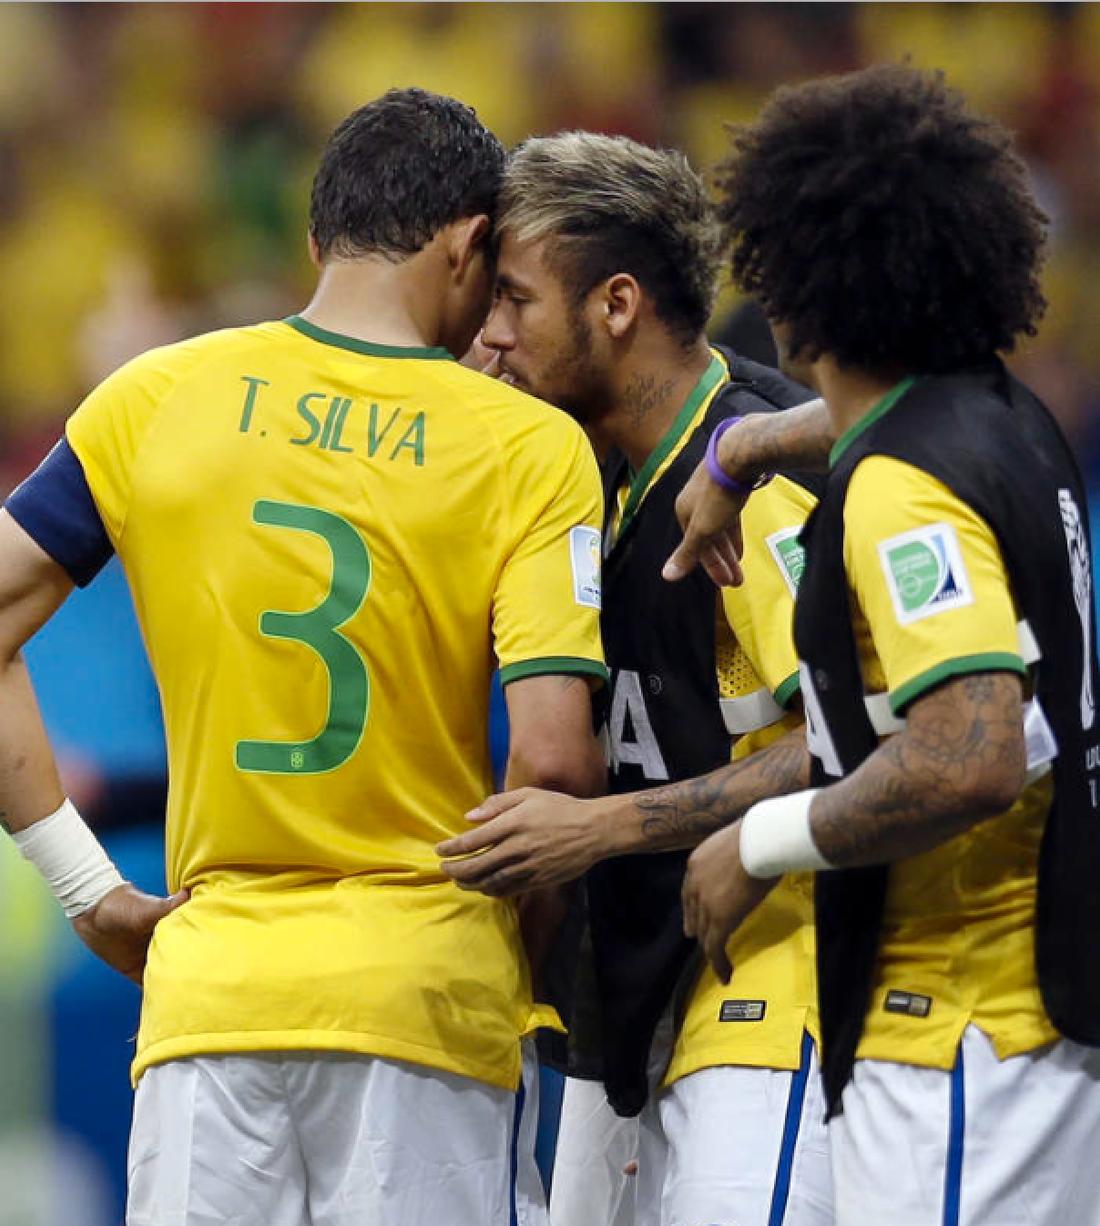 Thiago Silva och Neymar är lagkamrater i det brasilianska landslaget. Foto: AP/Natacha Pisarenko